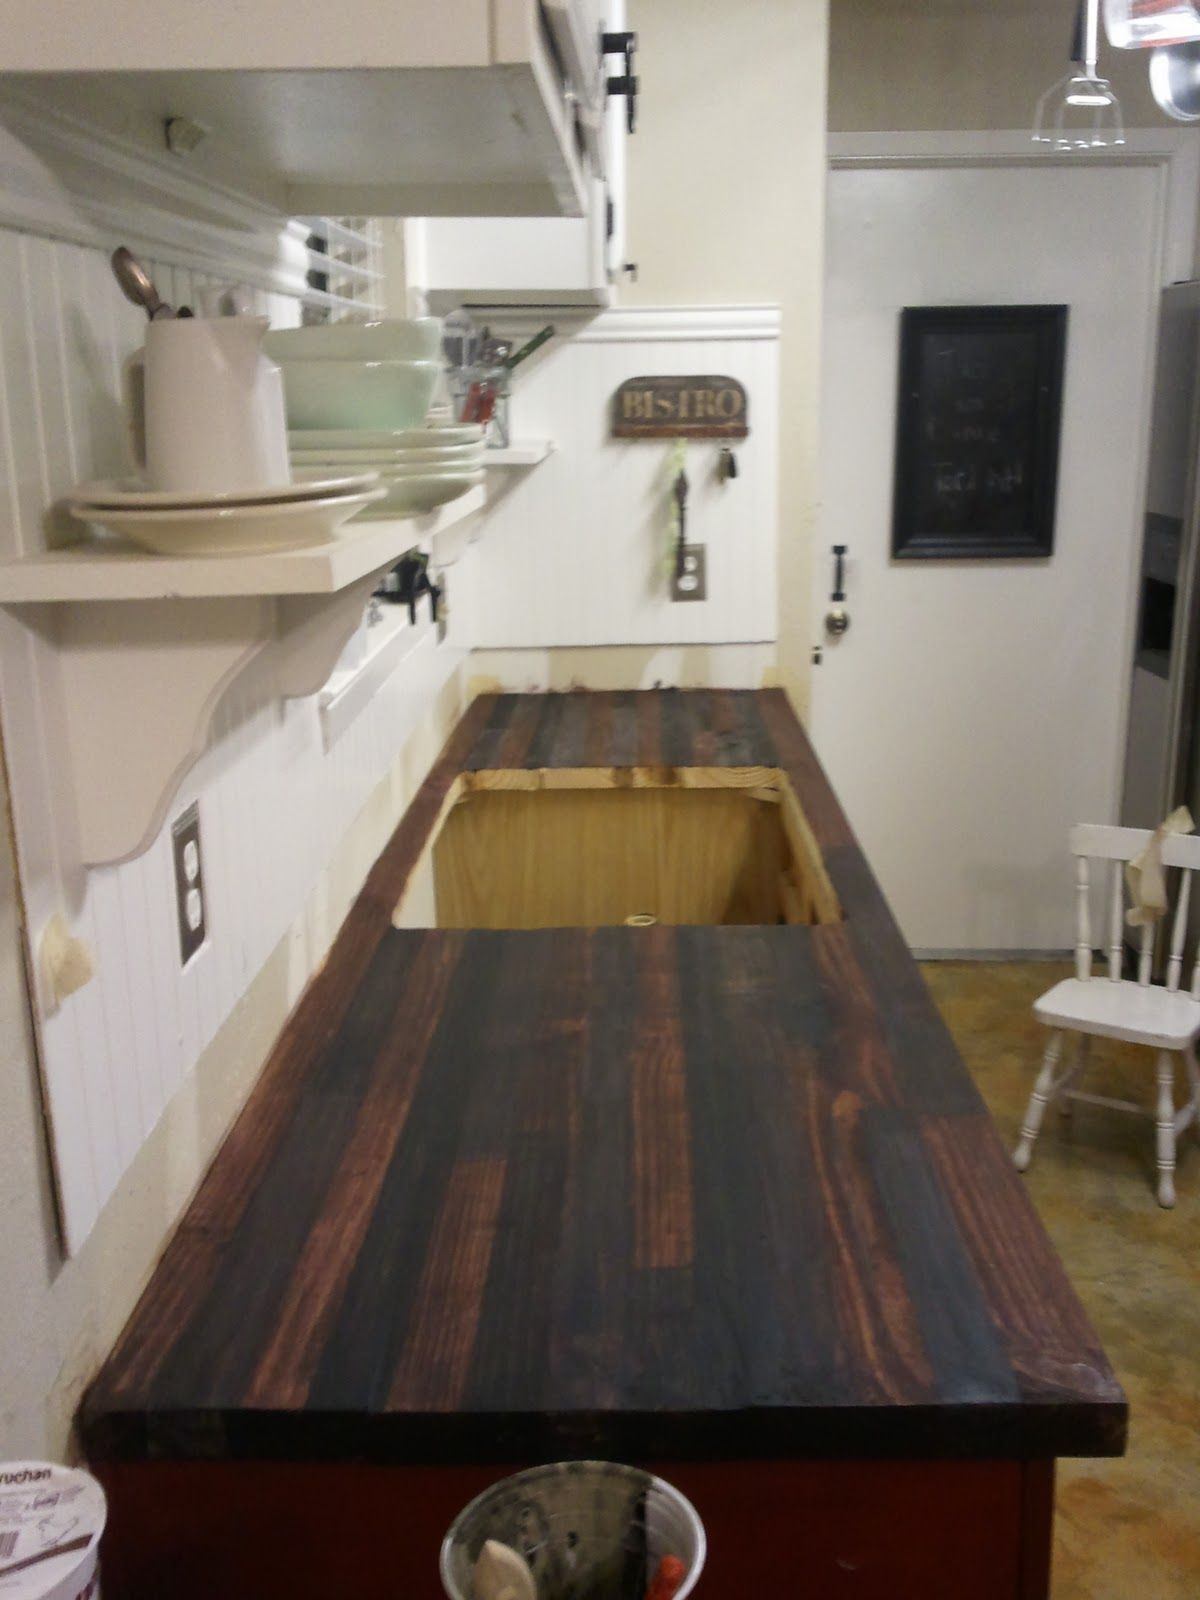 Diy Faux Butcher Block Countertops Tutorial Dengan Gambar Ide Dekorasi Rumah